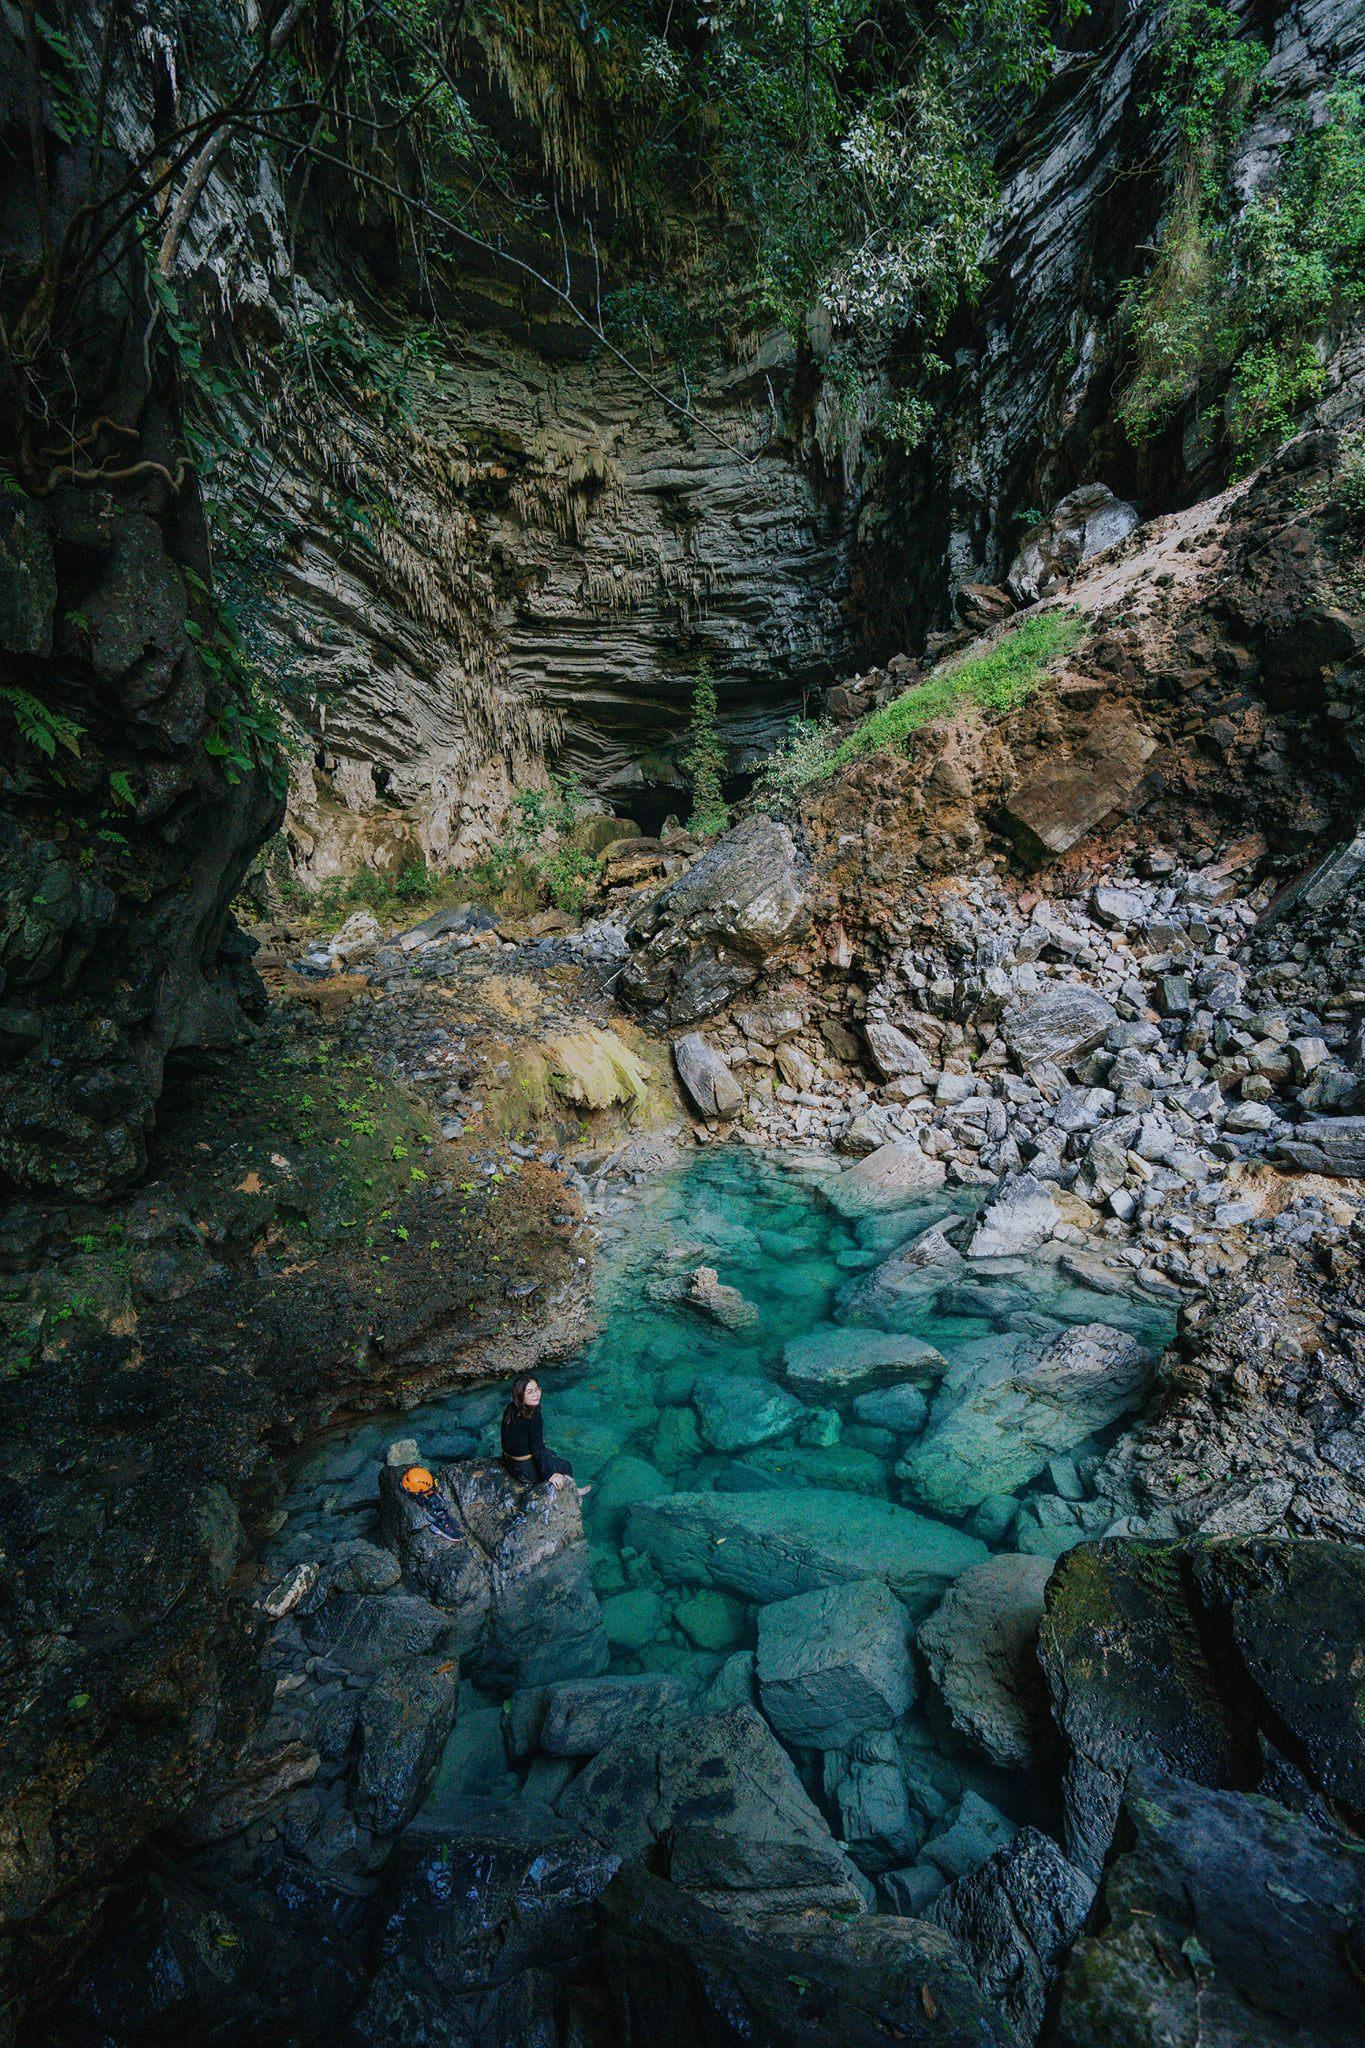 điểm du lịch sapa, hang tiên, hang tiên Sapa, hang tiên Quảng Bình, những địa điểm phải đến khi du lịch sapa